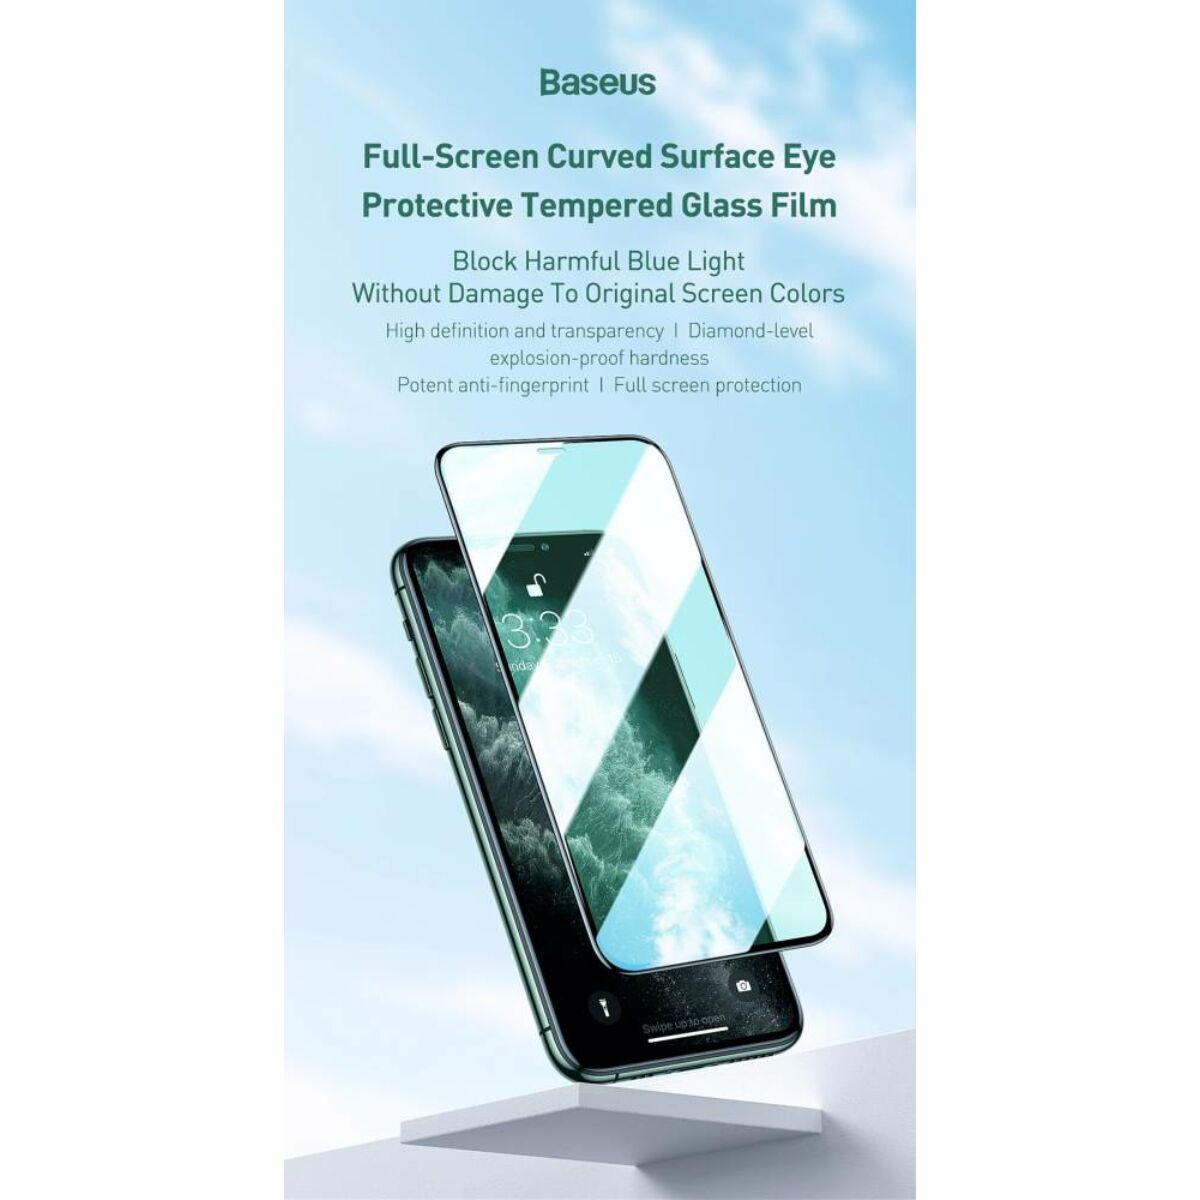 Baseus iPhone 11 Pro 0.3mm, teljes felületre, lekerekített, ívelt edzett üveg, szem kímélő felület (2db+keret), fekete (SGAPIPH58S-IA0)